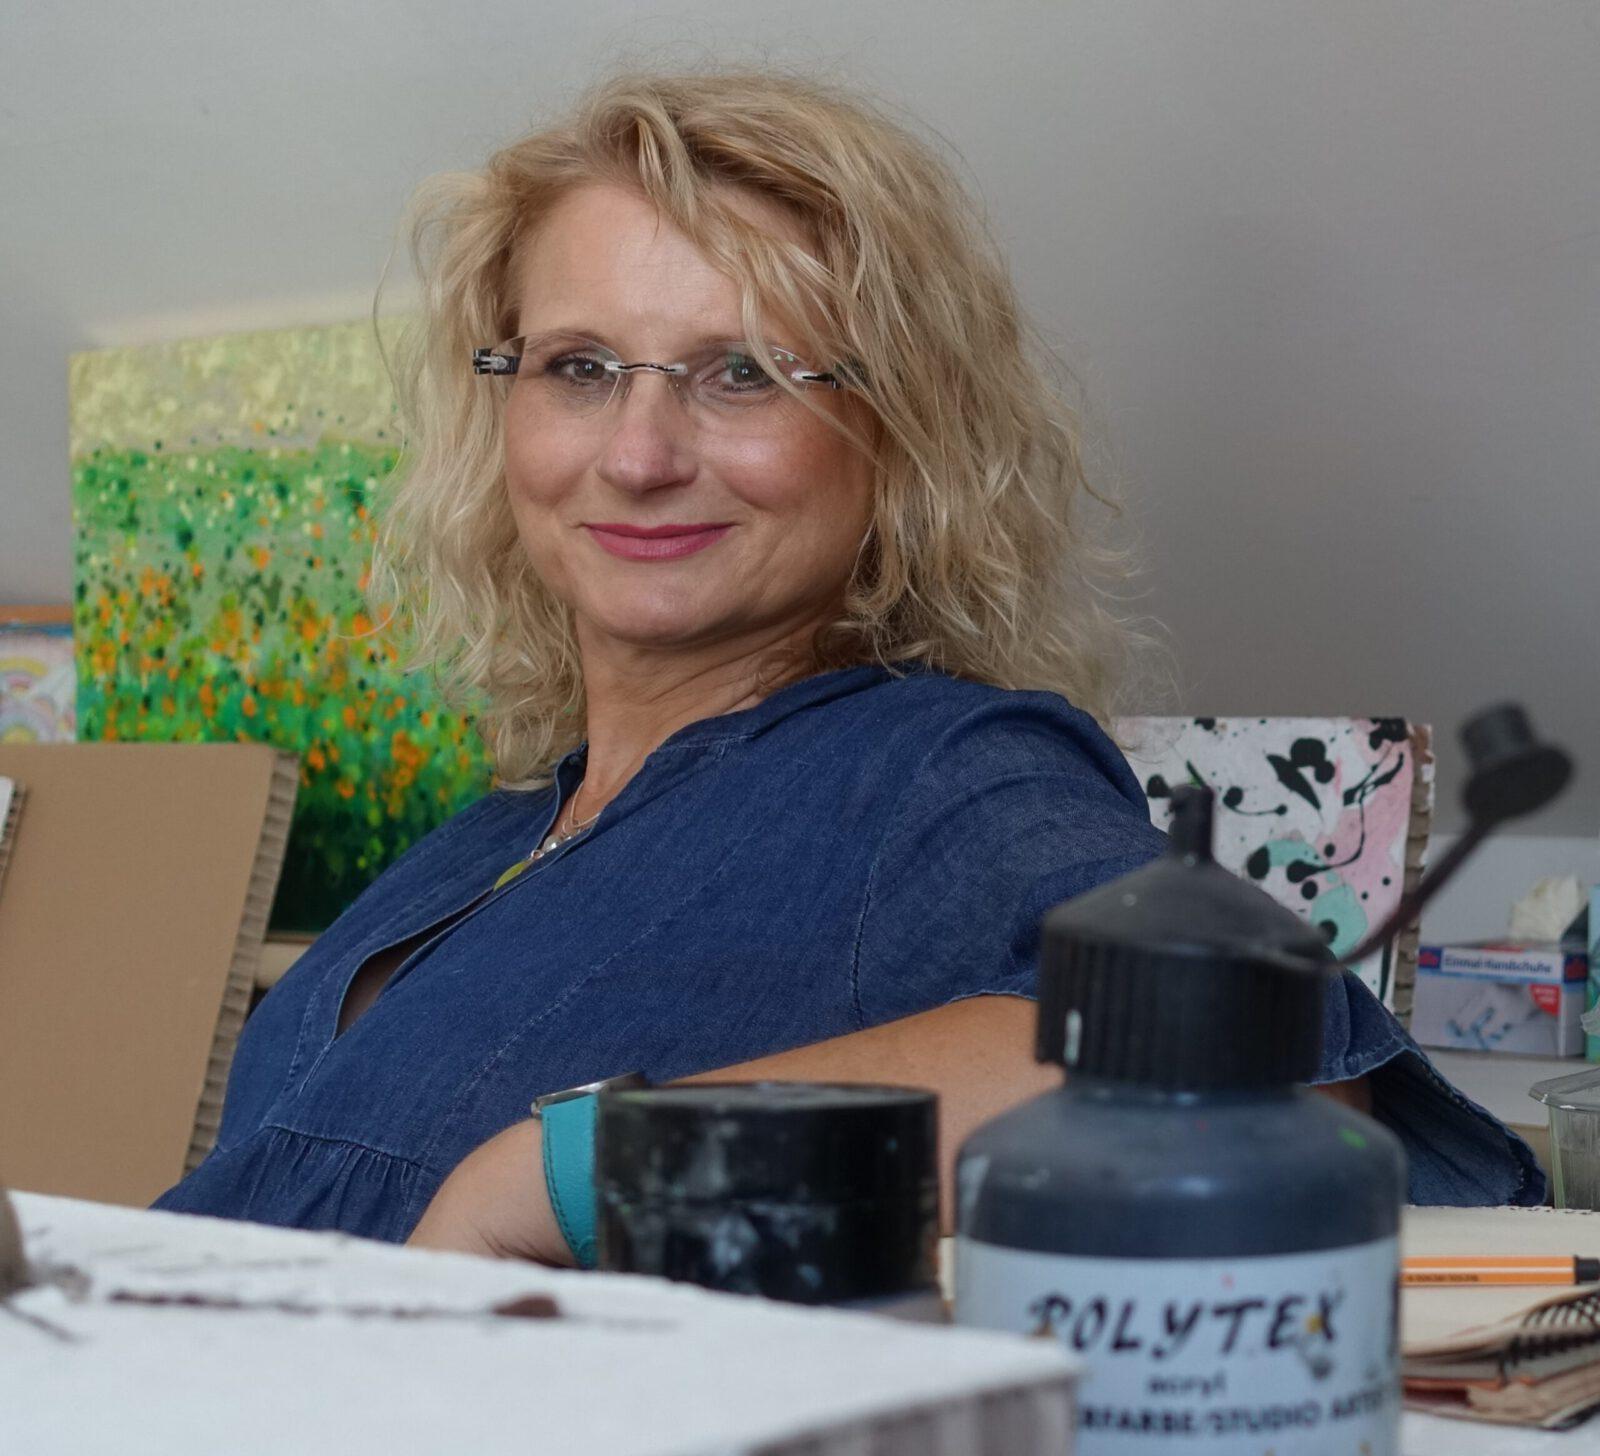 Atelier Möttelin: Christine Krause